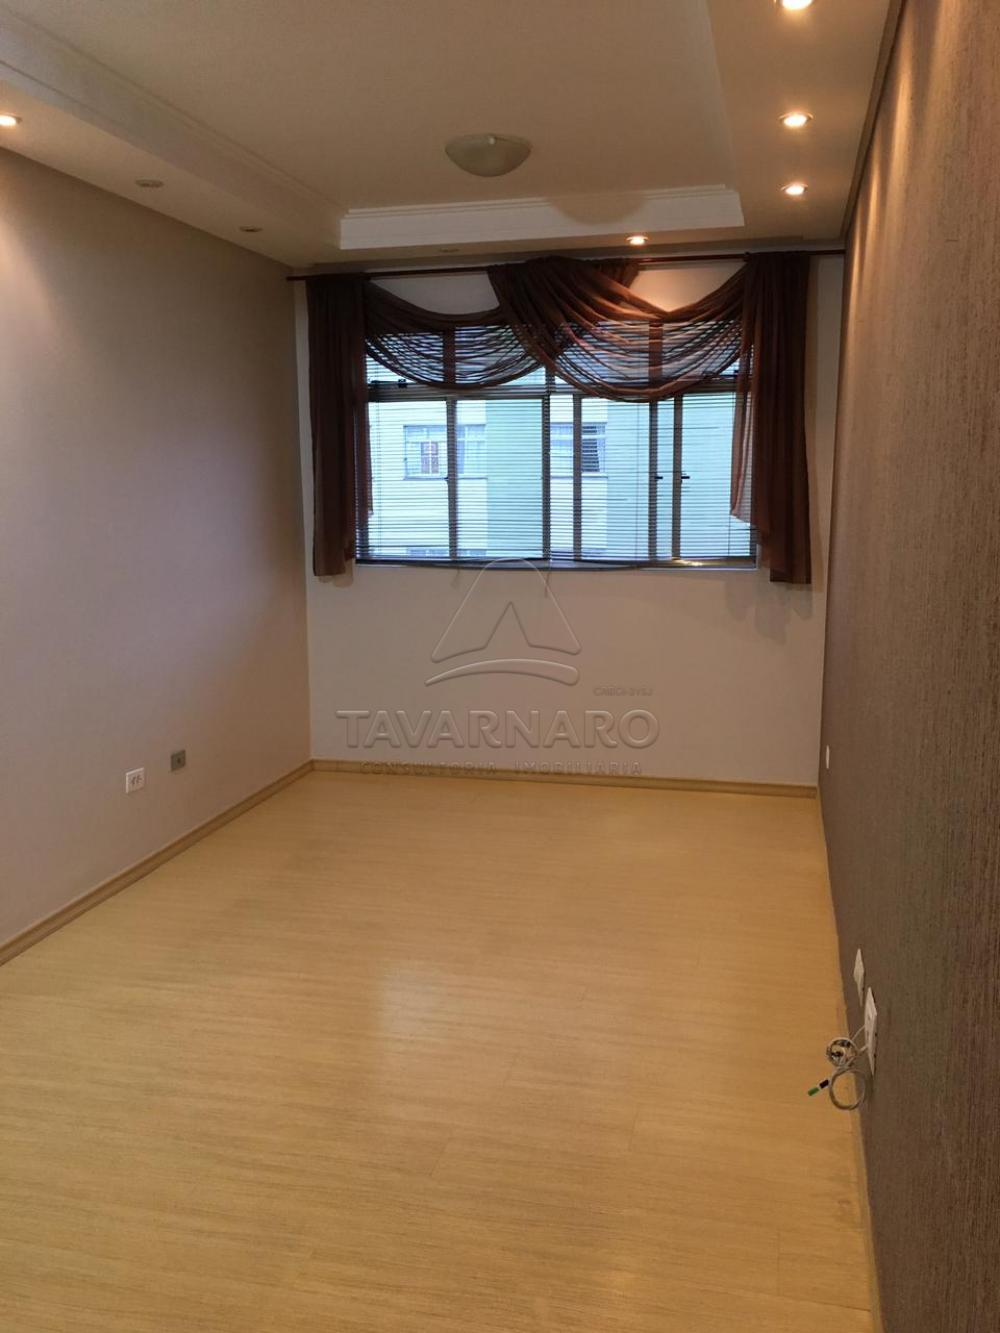 Comprar Apartamento / Padrão em Ponta Grossa R$ 190.000,00 - Foto 8